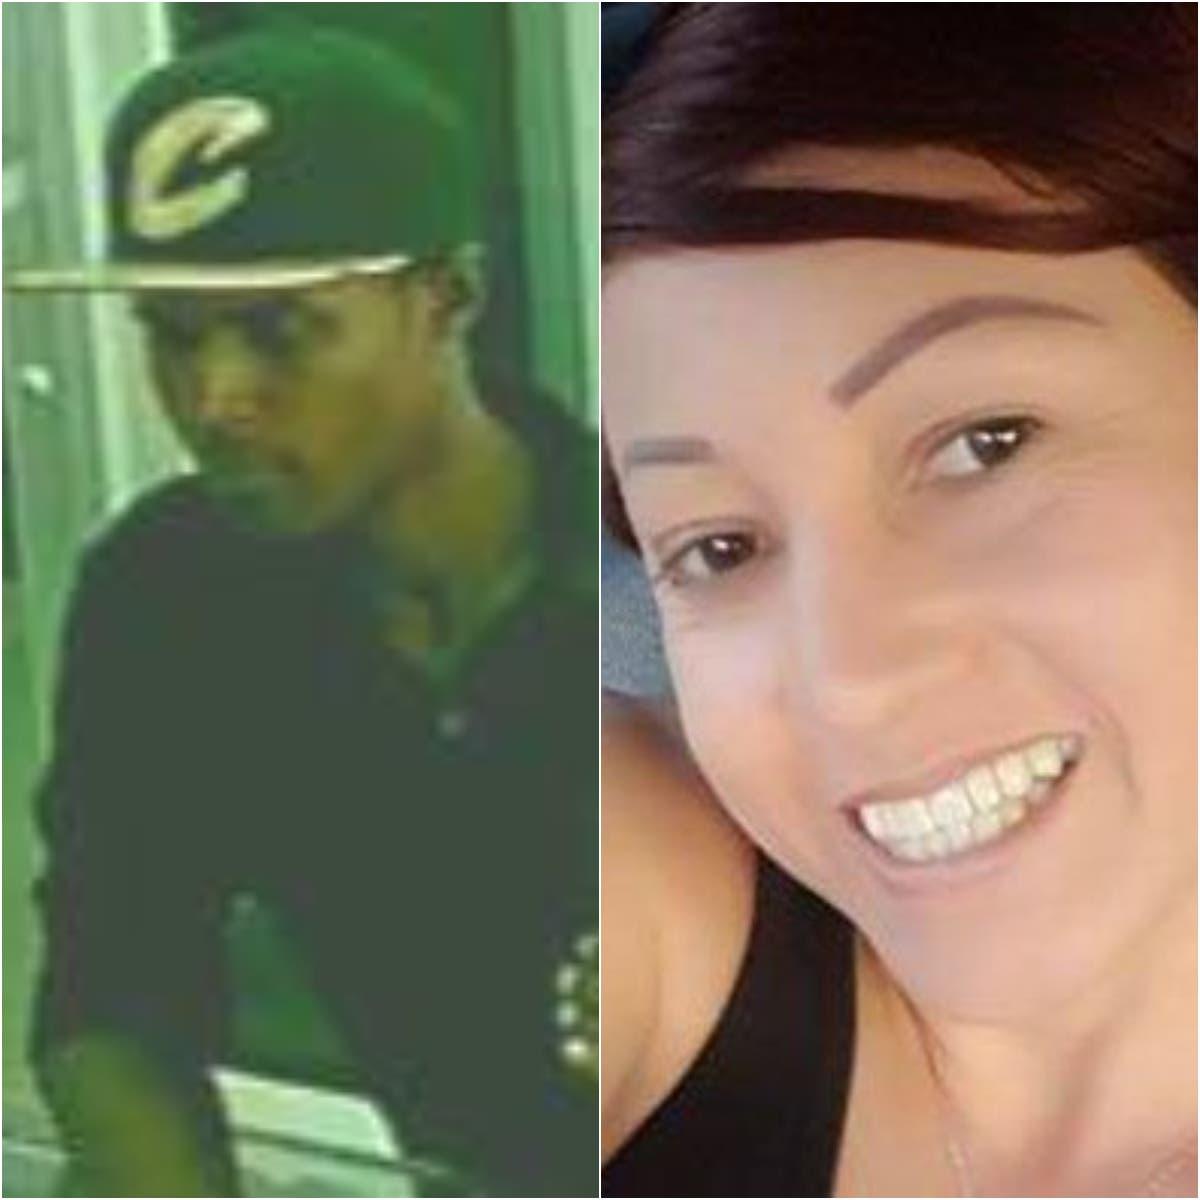 La noche del crimen de Annerys Peña el homicida relajaba con sus amigos como si nada